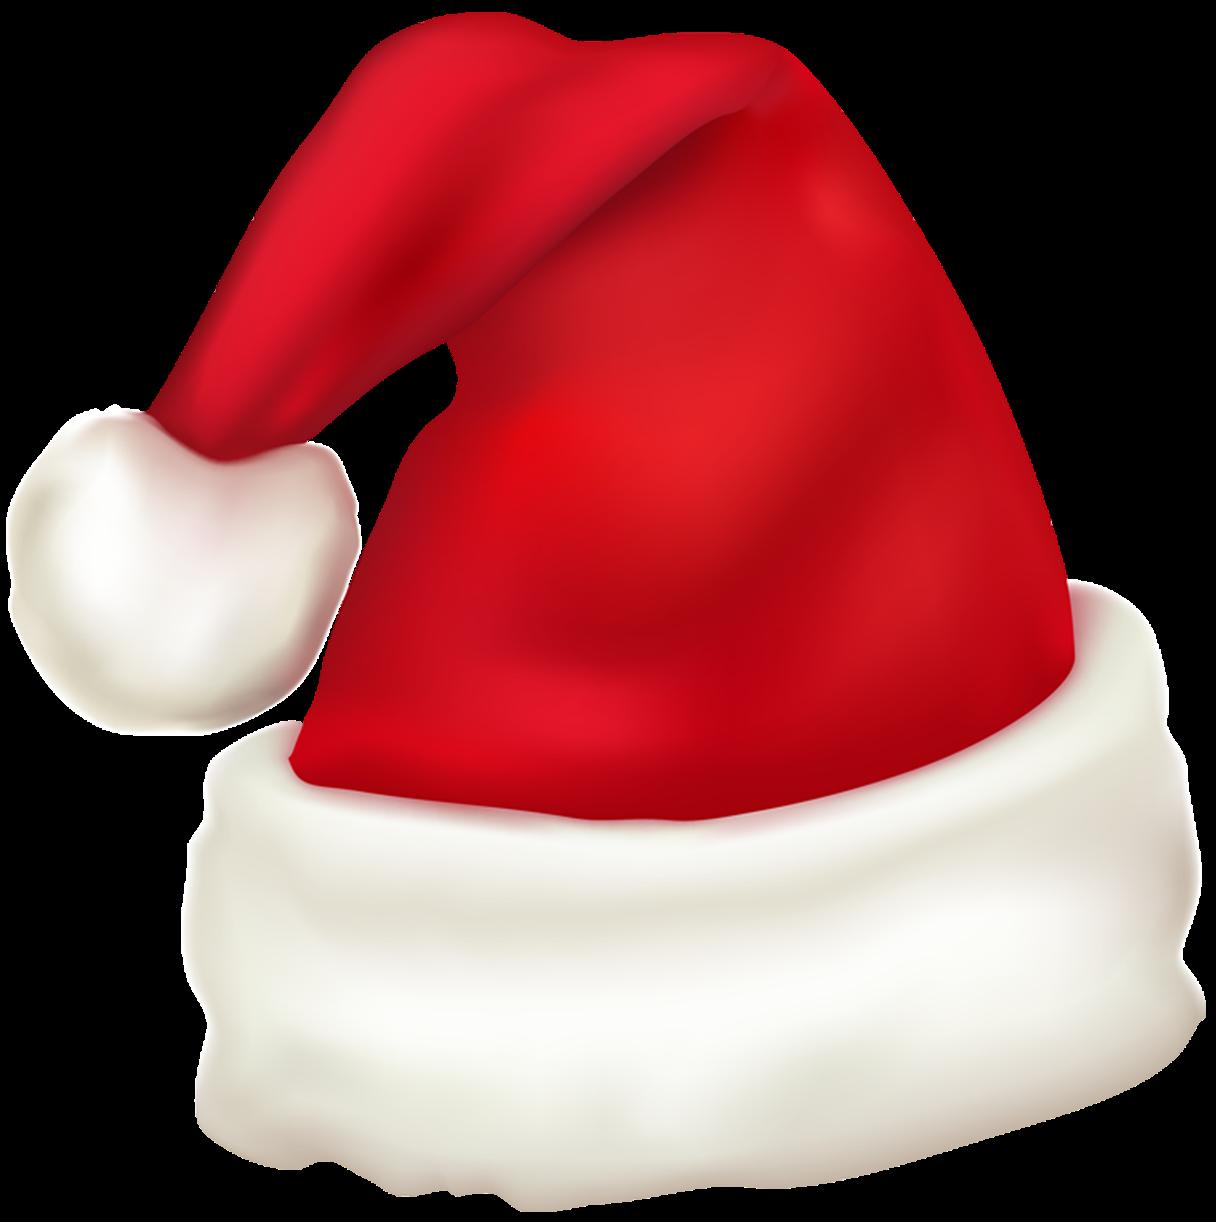 Free png images download. December clipart december 2016